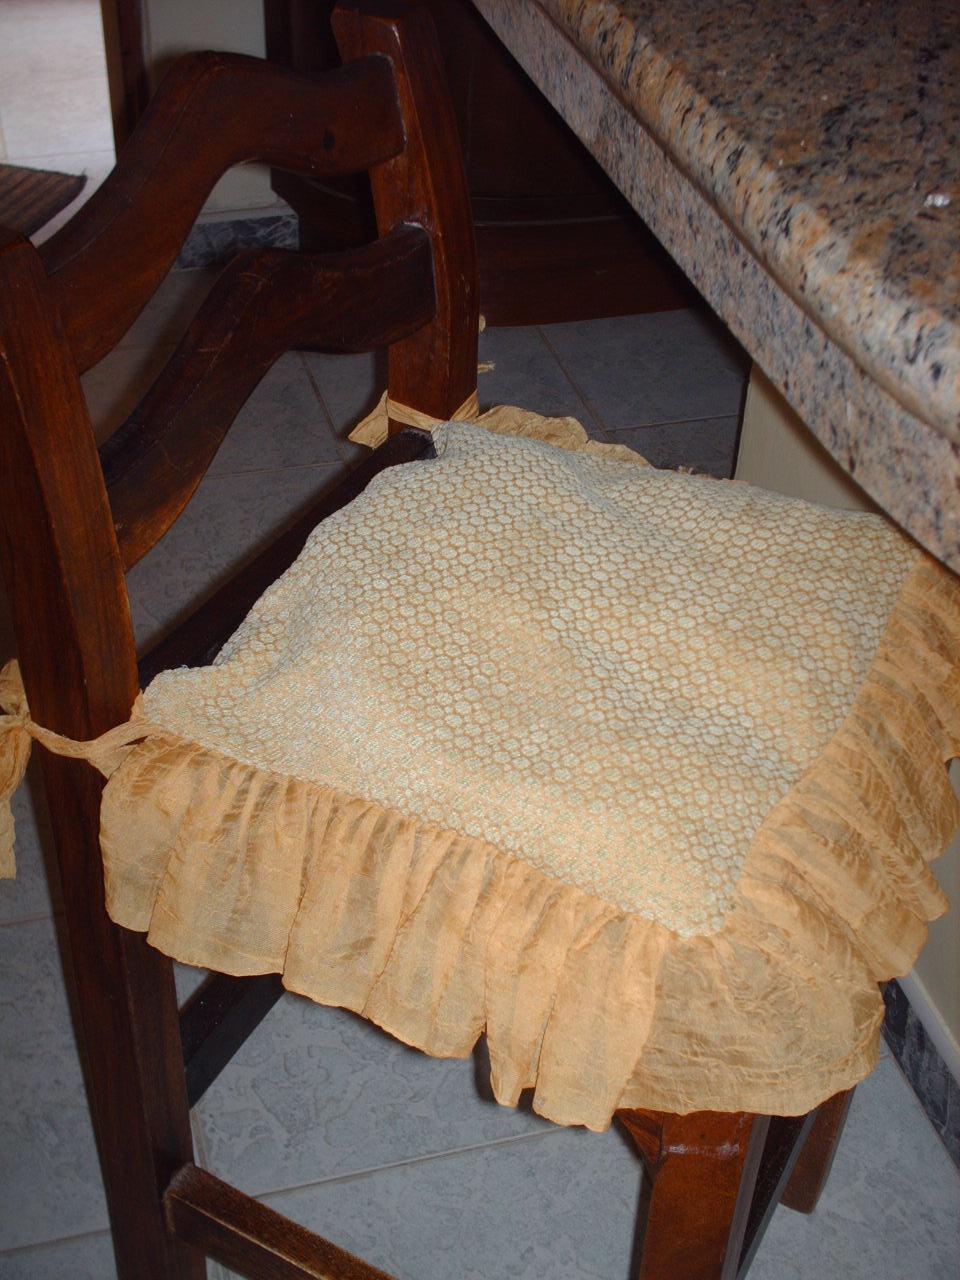 Novedades paola muestra de asientos o cojines para sillas de mi hogar for Asientos para comedor